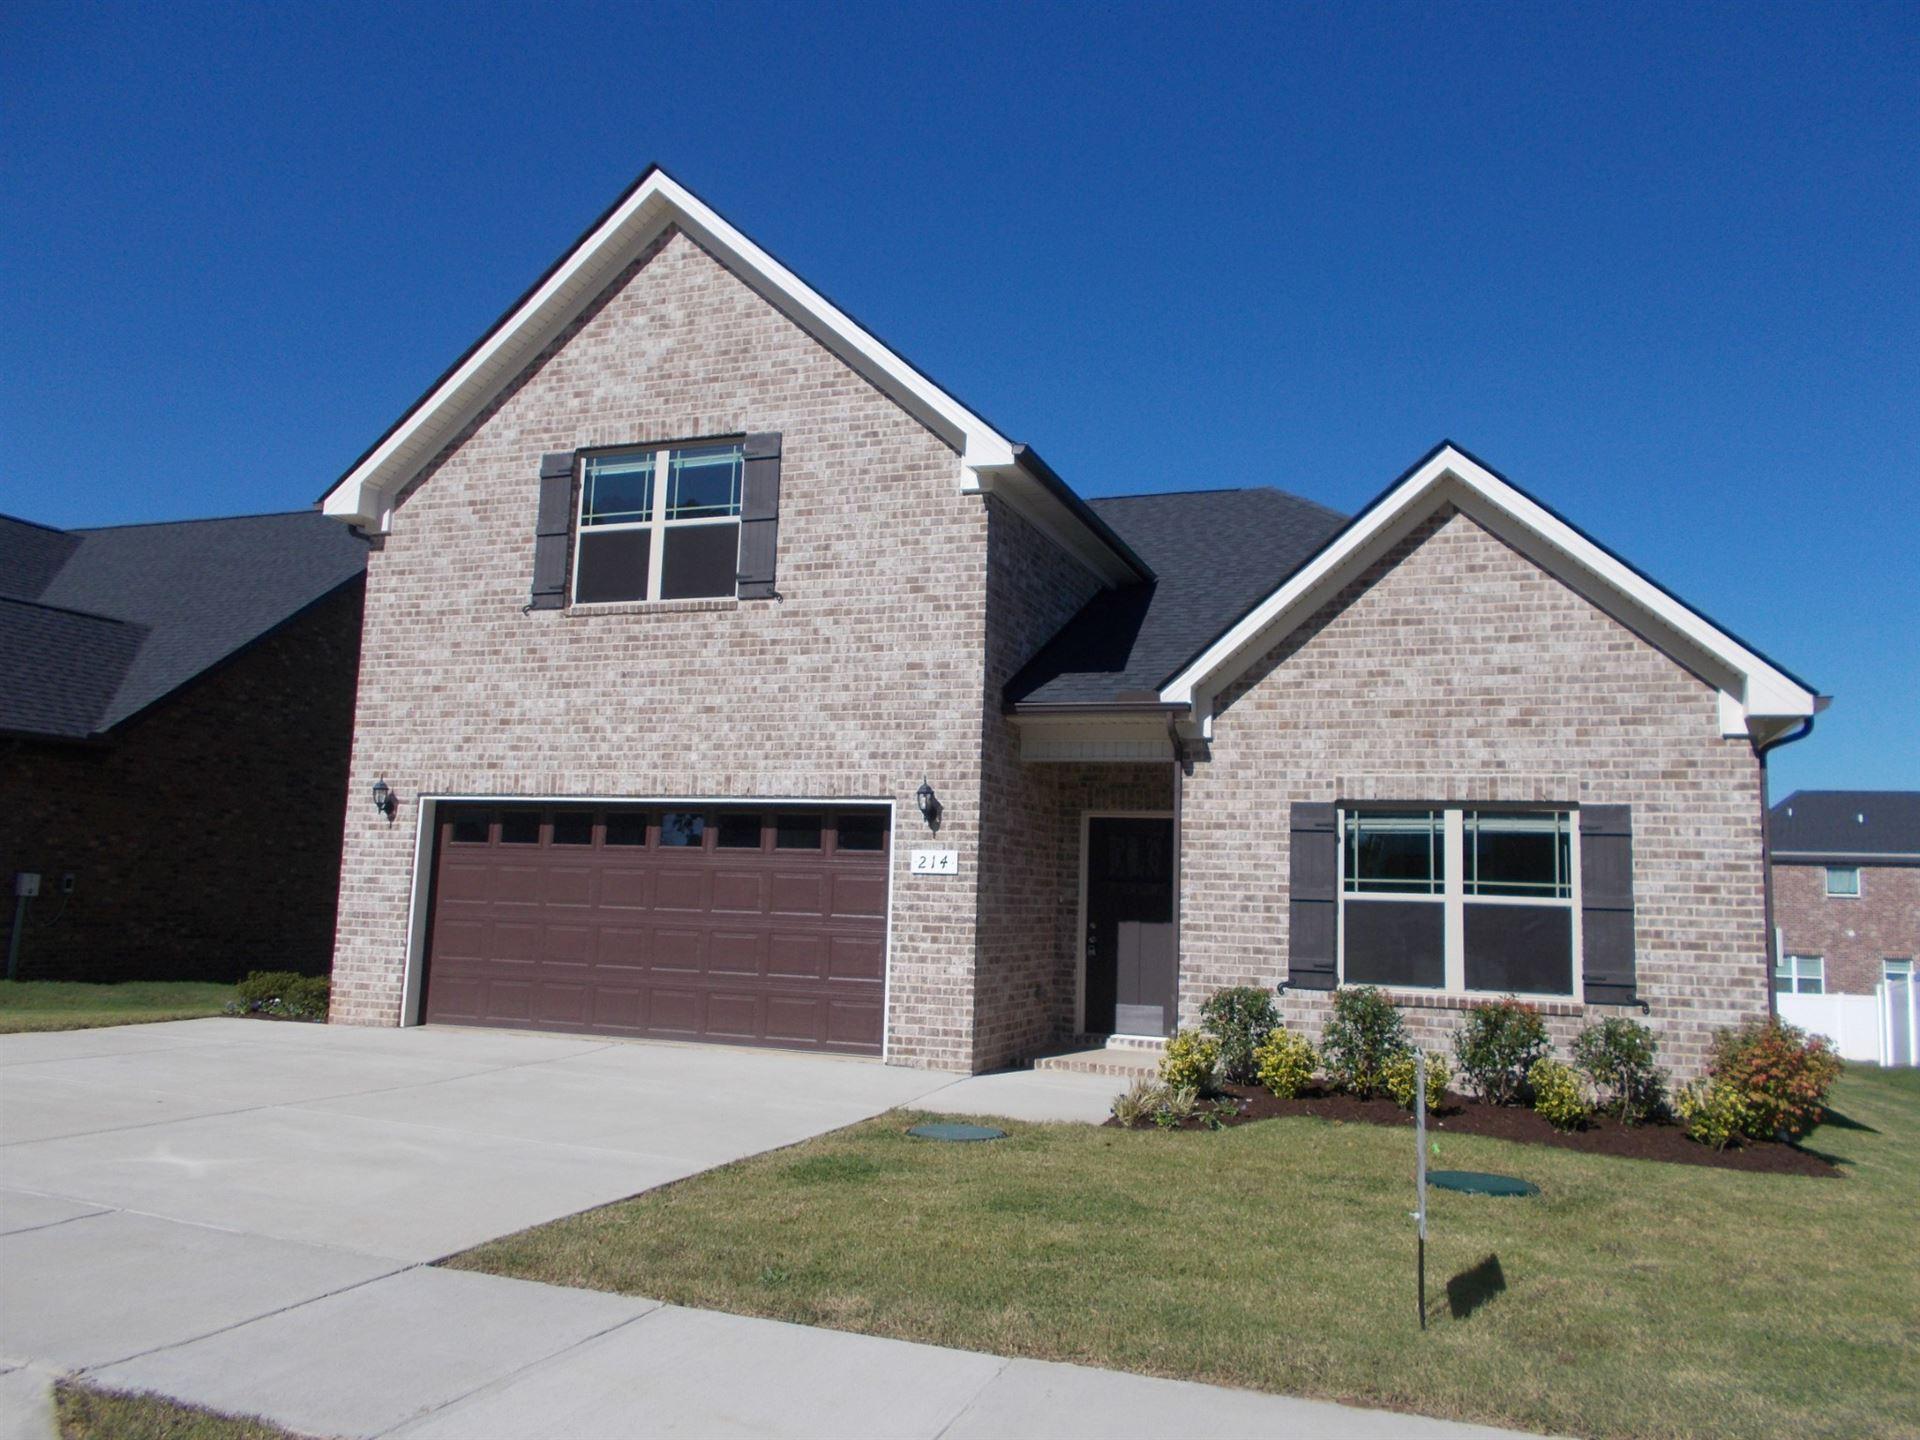 214 Edgefield Ct, Pleasant View, TN 37146 - MLS#: 2299168